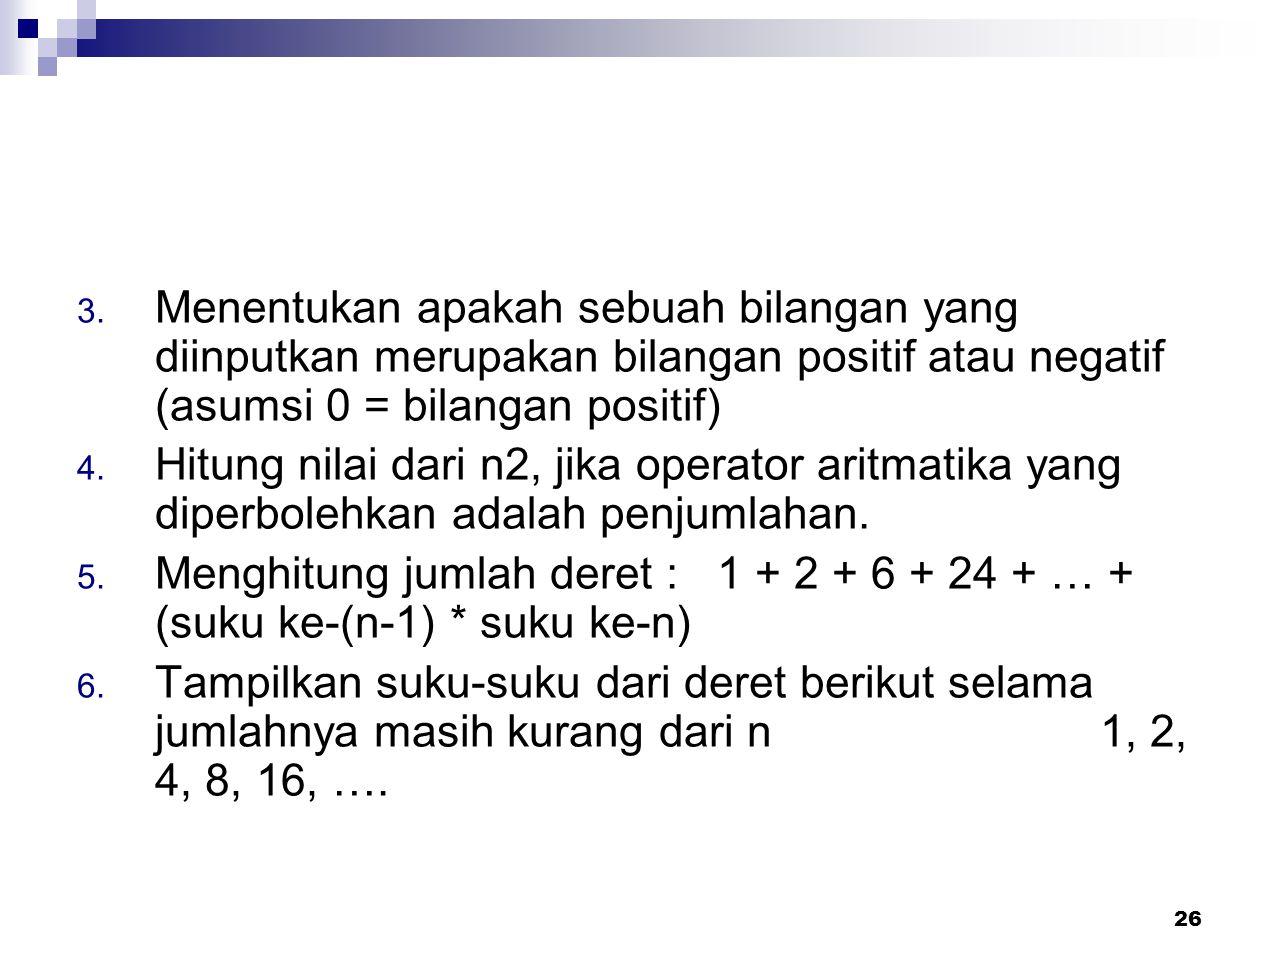 26 3. Menentukan apakah sebuah bilangan yang diinputkan merupakan bilangan positif atau negatif (asumsi 0 = bilangan positif) 4. Hitung nilai dari n2,